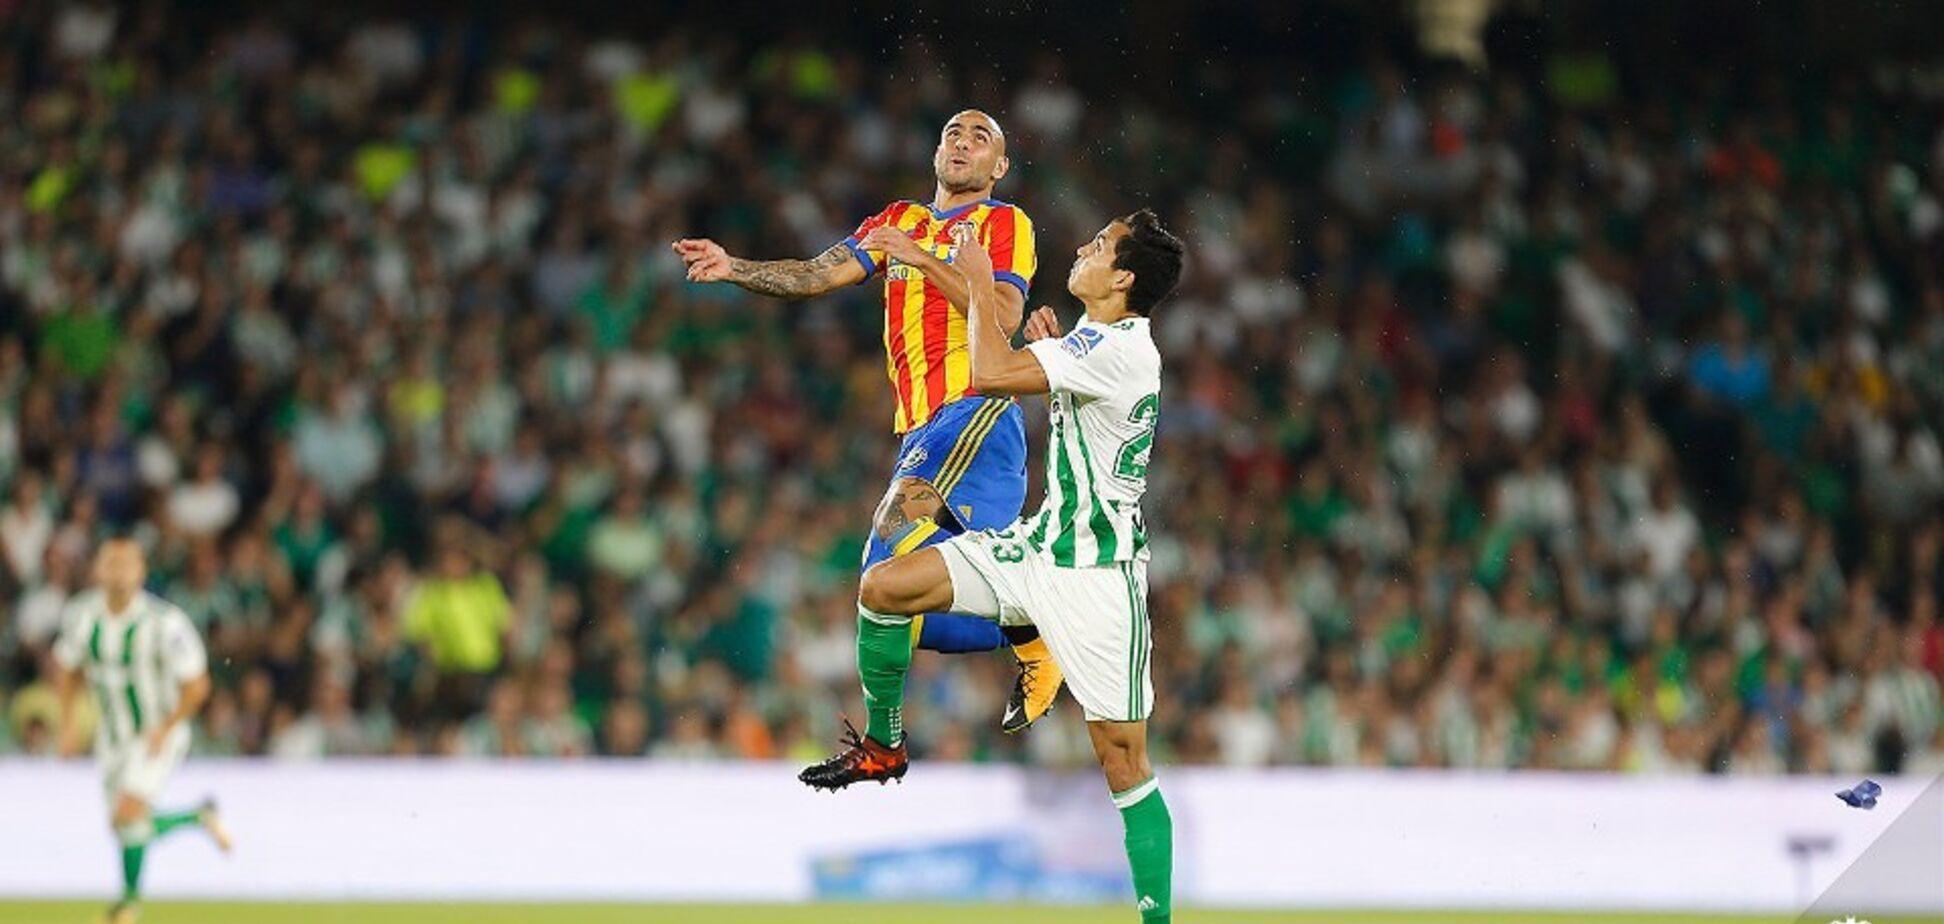 Божевілля сезону: у чемпіонаті Іспанії команди забили 9 голів на двох - опубліковано відео